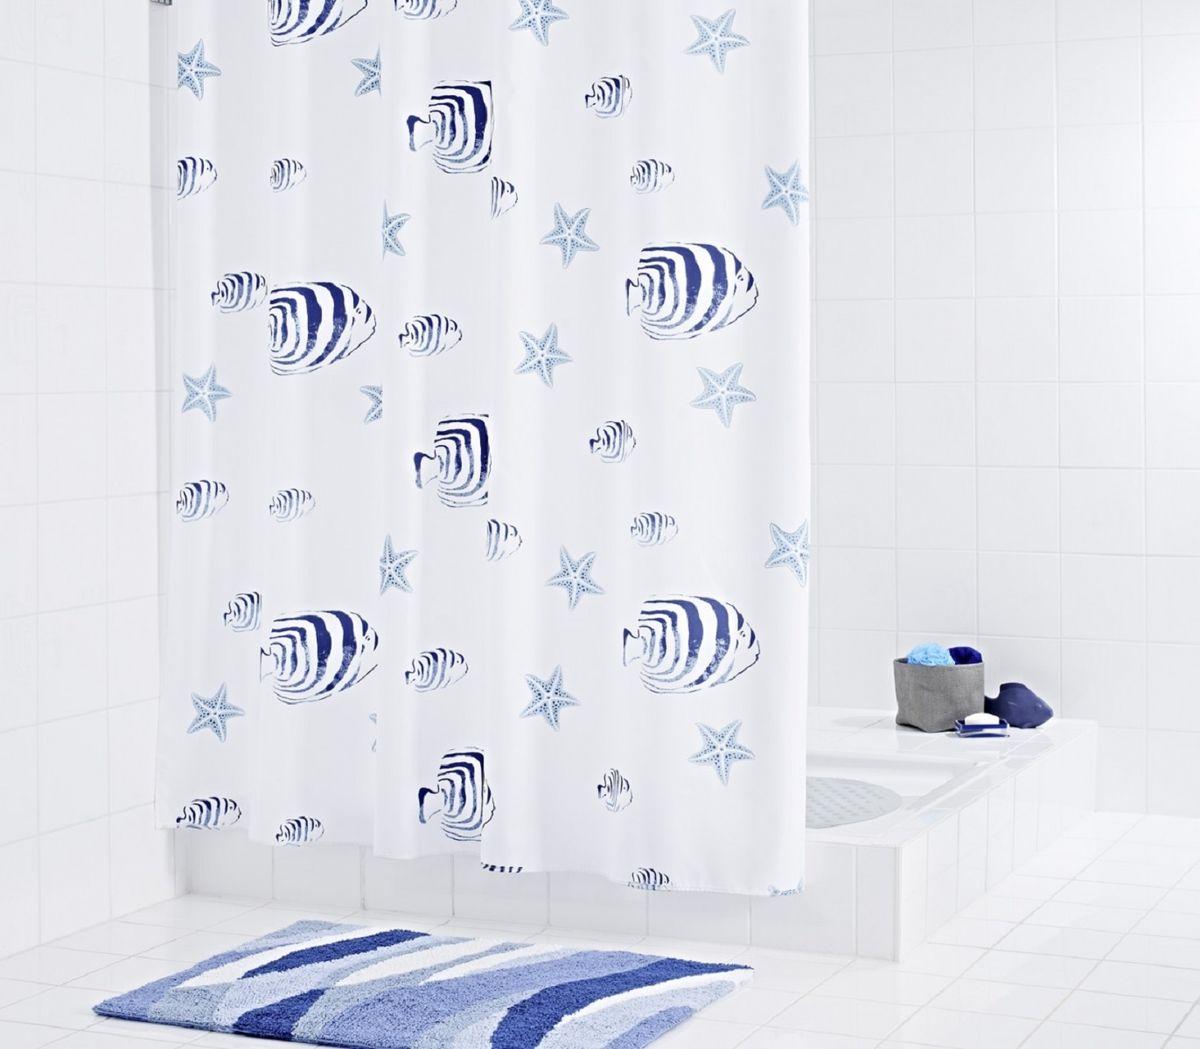 Штора для ванной комнаты Ridder Skalar, 180 х 200 см32354Высококачественная немецкая шторка Ridder Skalar создаст прекрасное настроение в ванной комнате. Данное изделие имеет антигрибковое, водоотталкивающее и антистатическое покрытие и утяжеленный нижний кант. Машинная стирка. Глажка при низкой температуре.